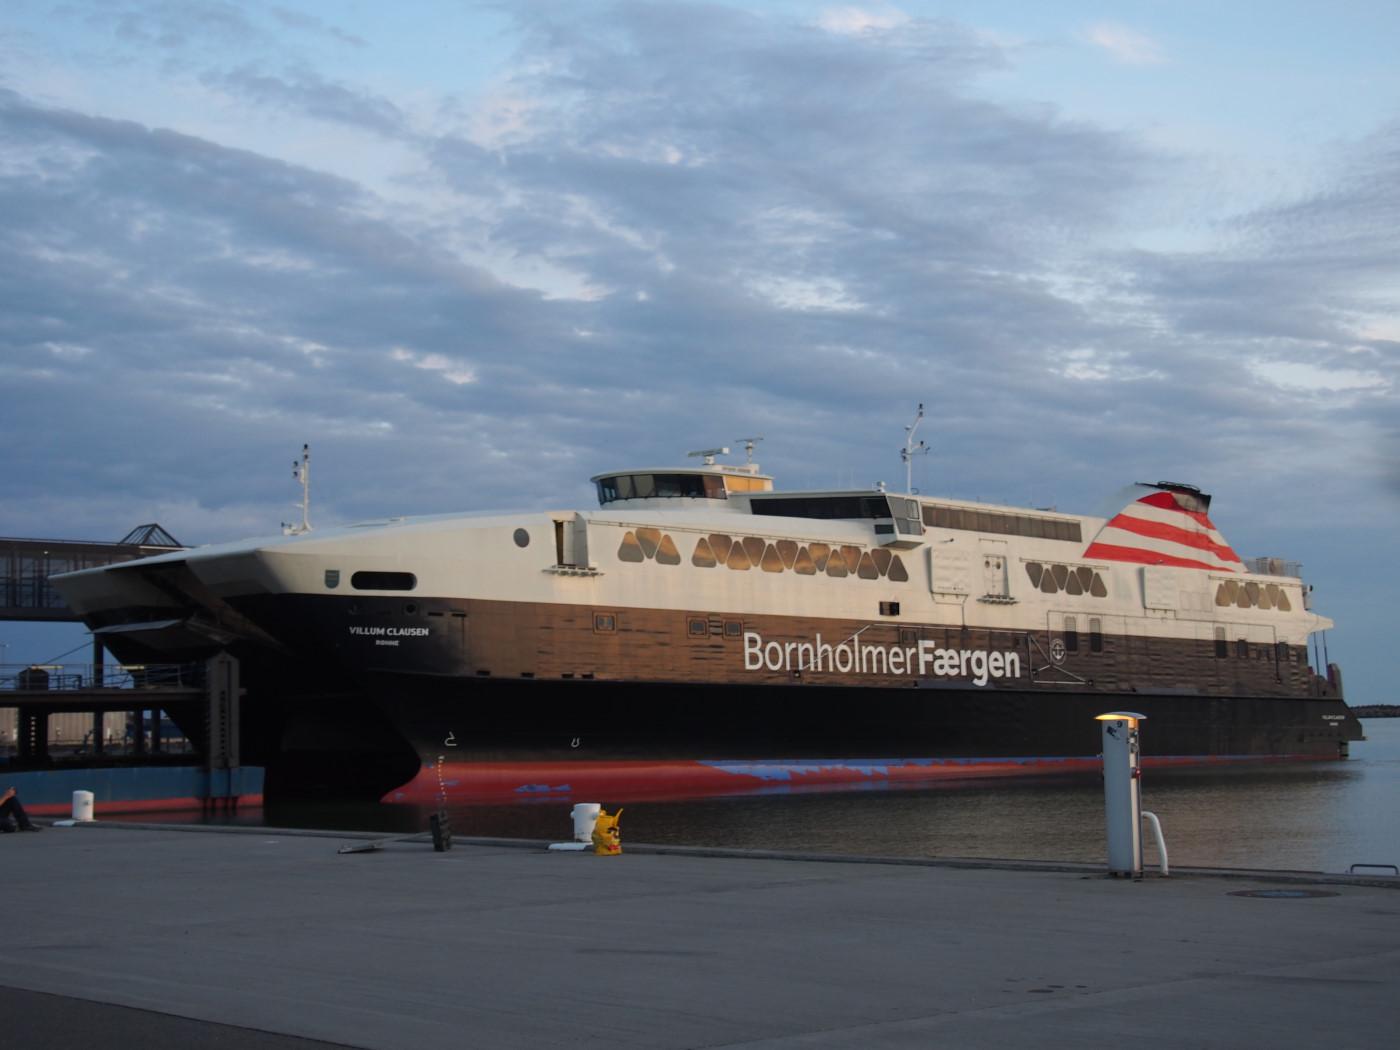 Bornholmer Færgen.